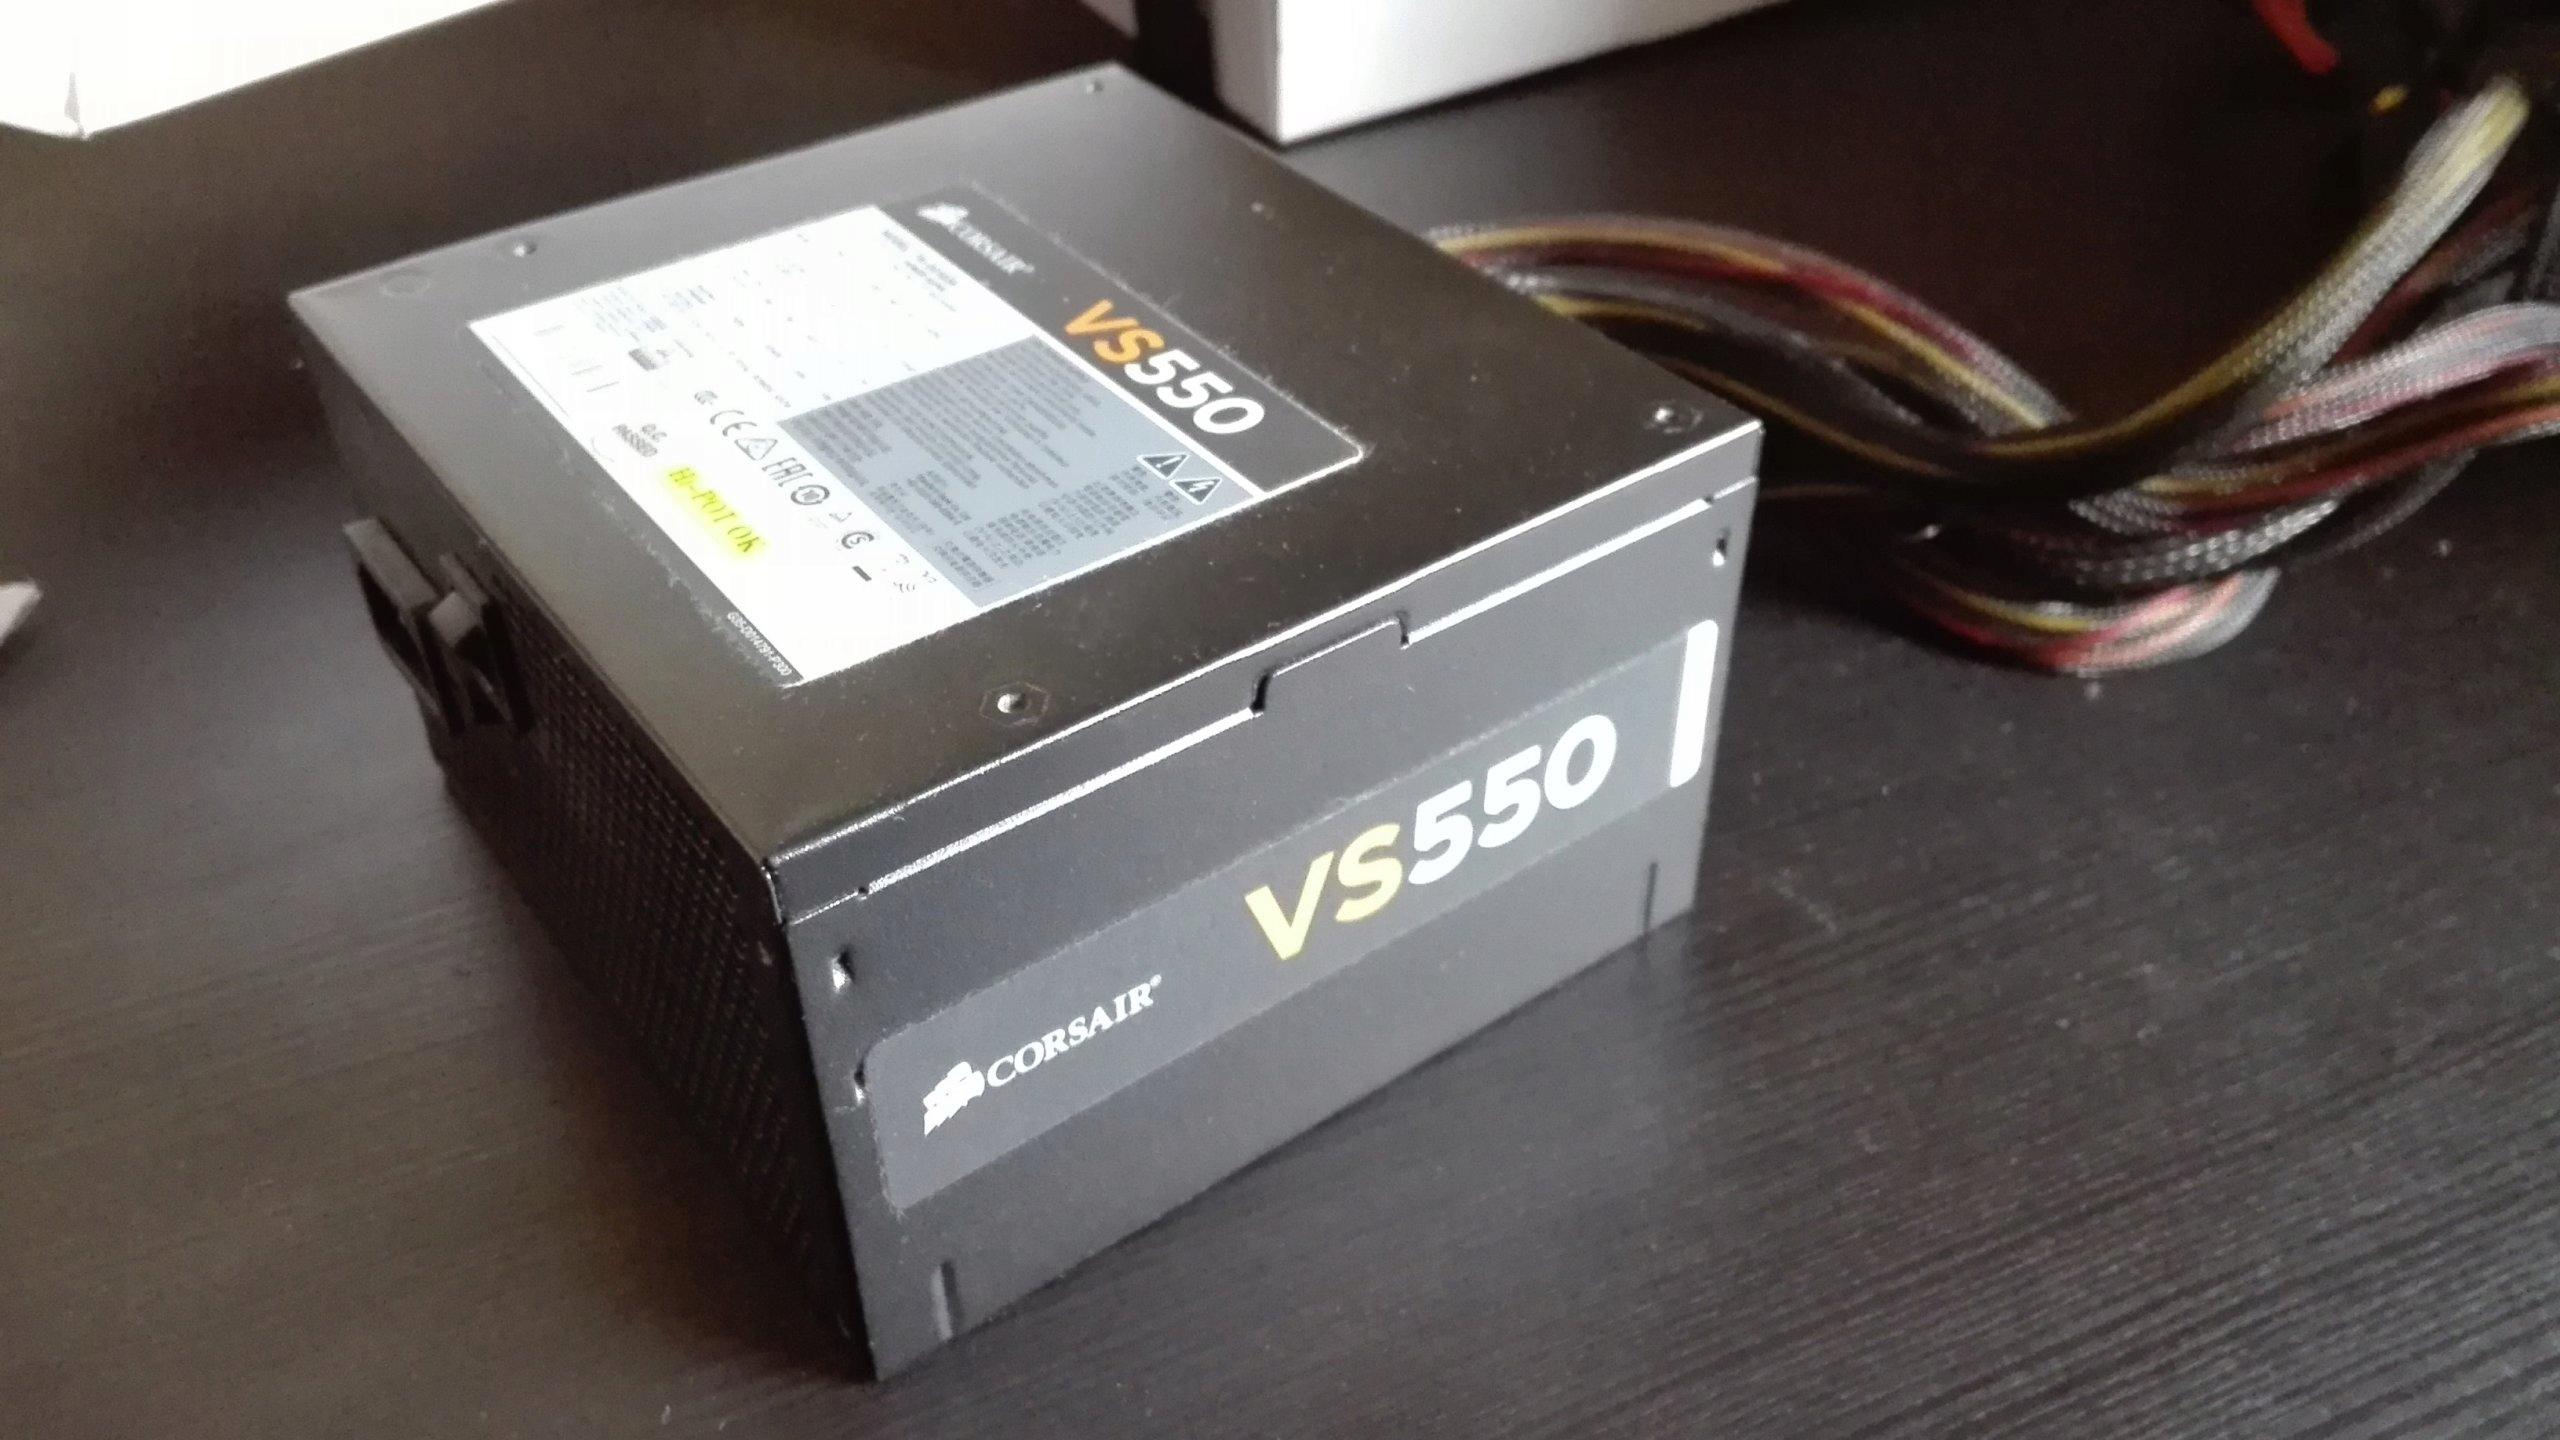 Corsair Vs 550 7419482381 Oficjalne Archiwum Allegro Vs550